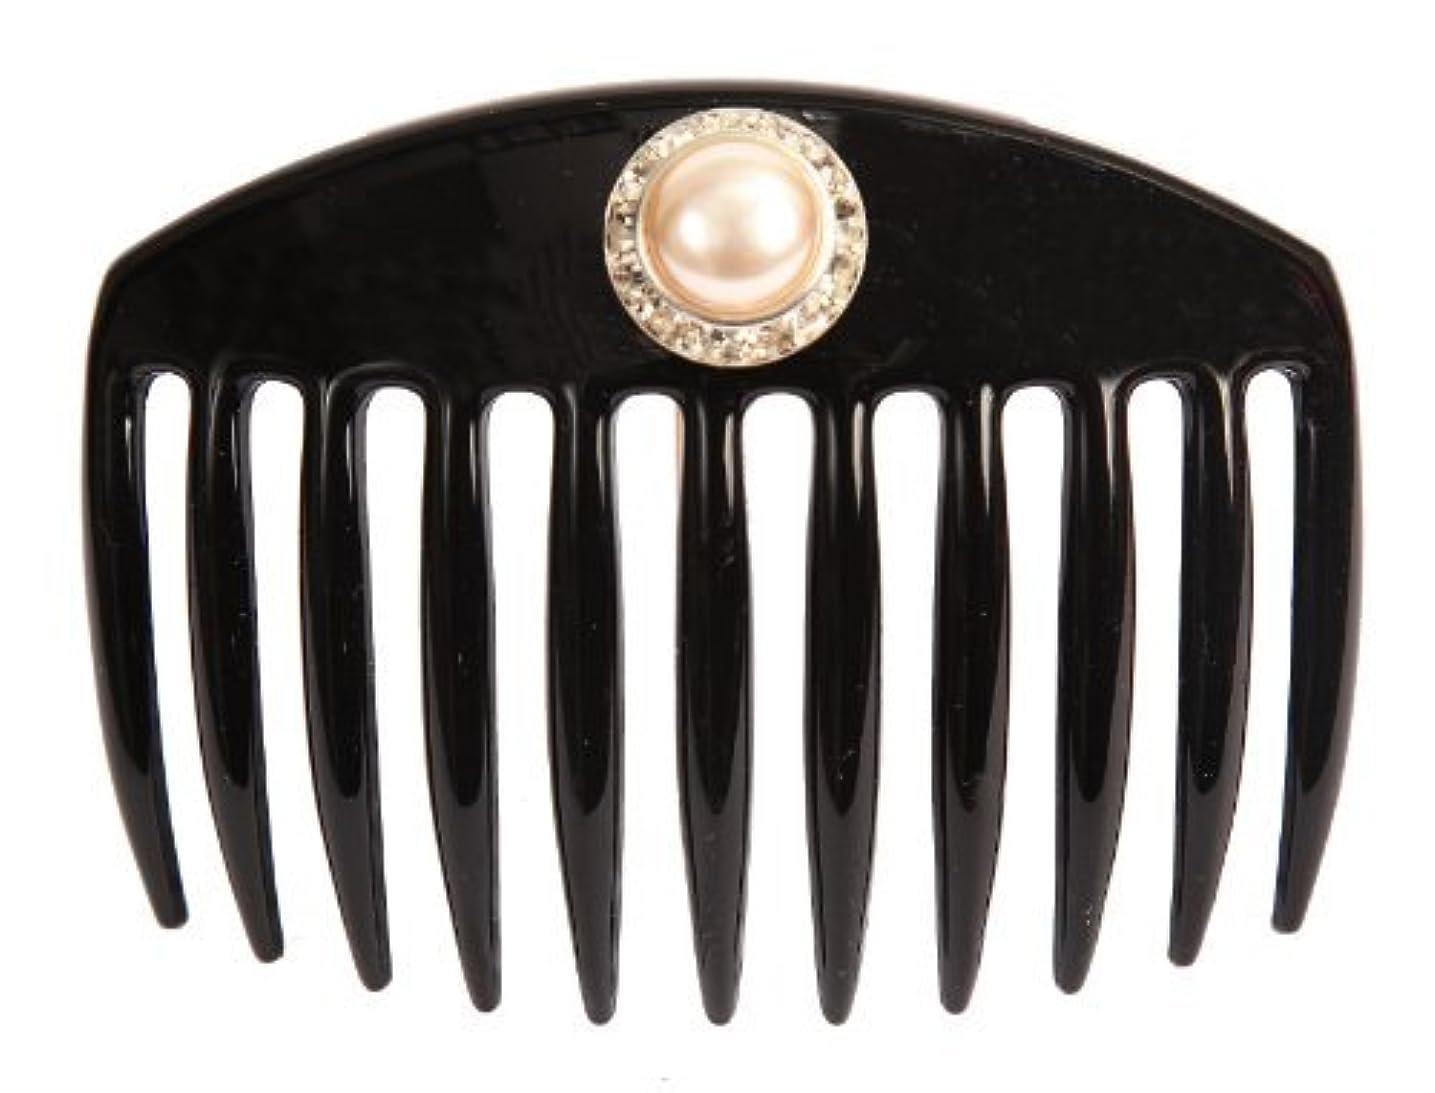 ツーリスト姿勢埋めるCaravan Hand Decorated French Comb with Large Pearl and Swarovski Stones In Silver Setting, Black.65 Ounce [並行輸入品]